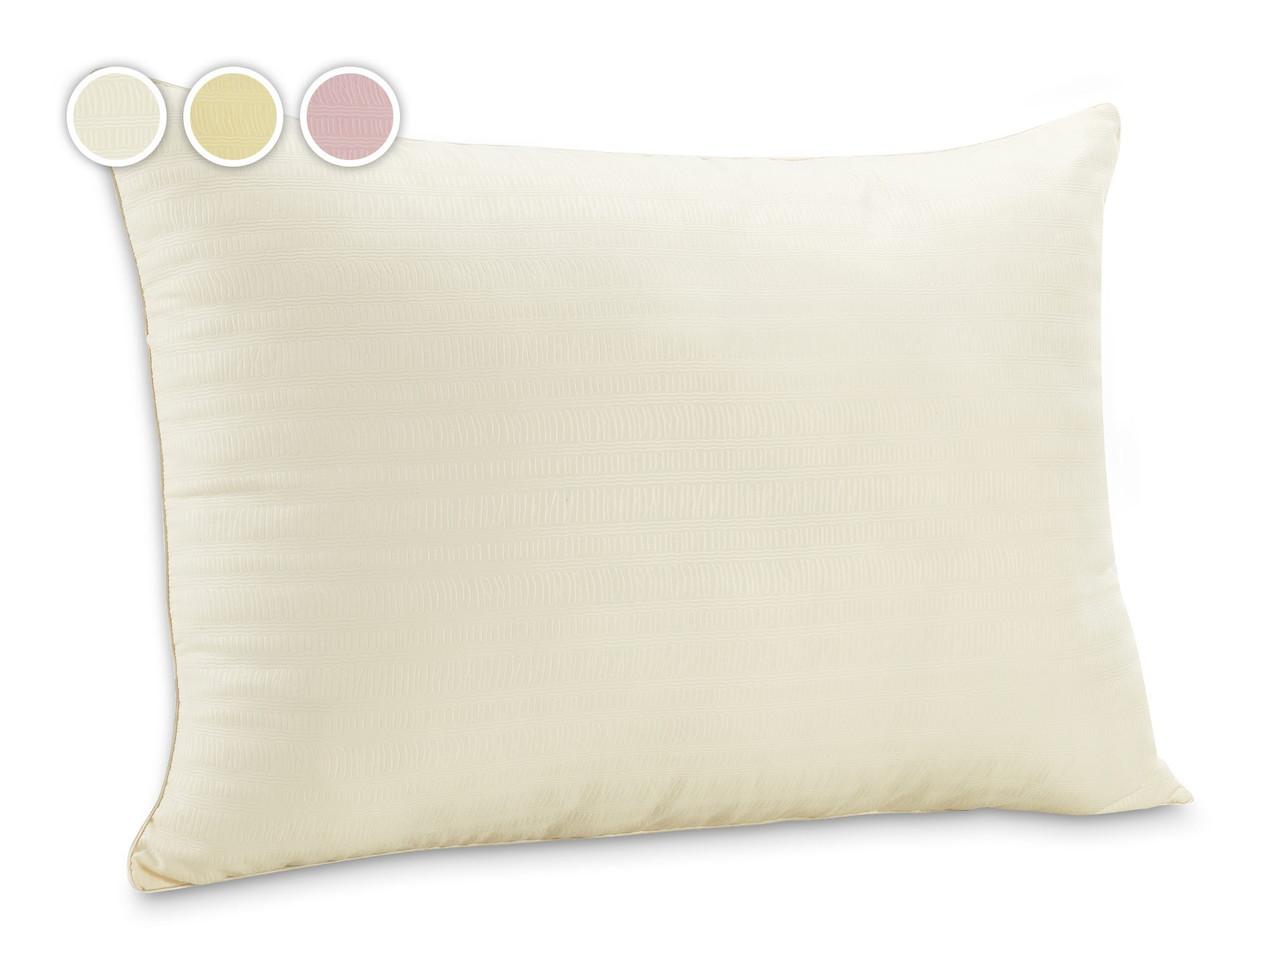 Классическая подушка Хороший сон Good Morning/Night Pillow